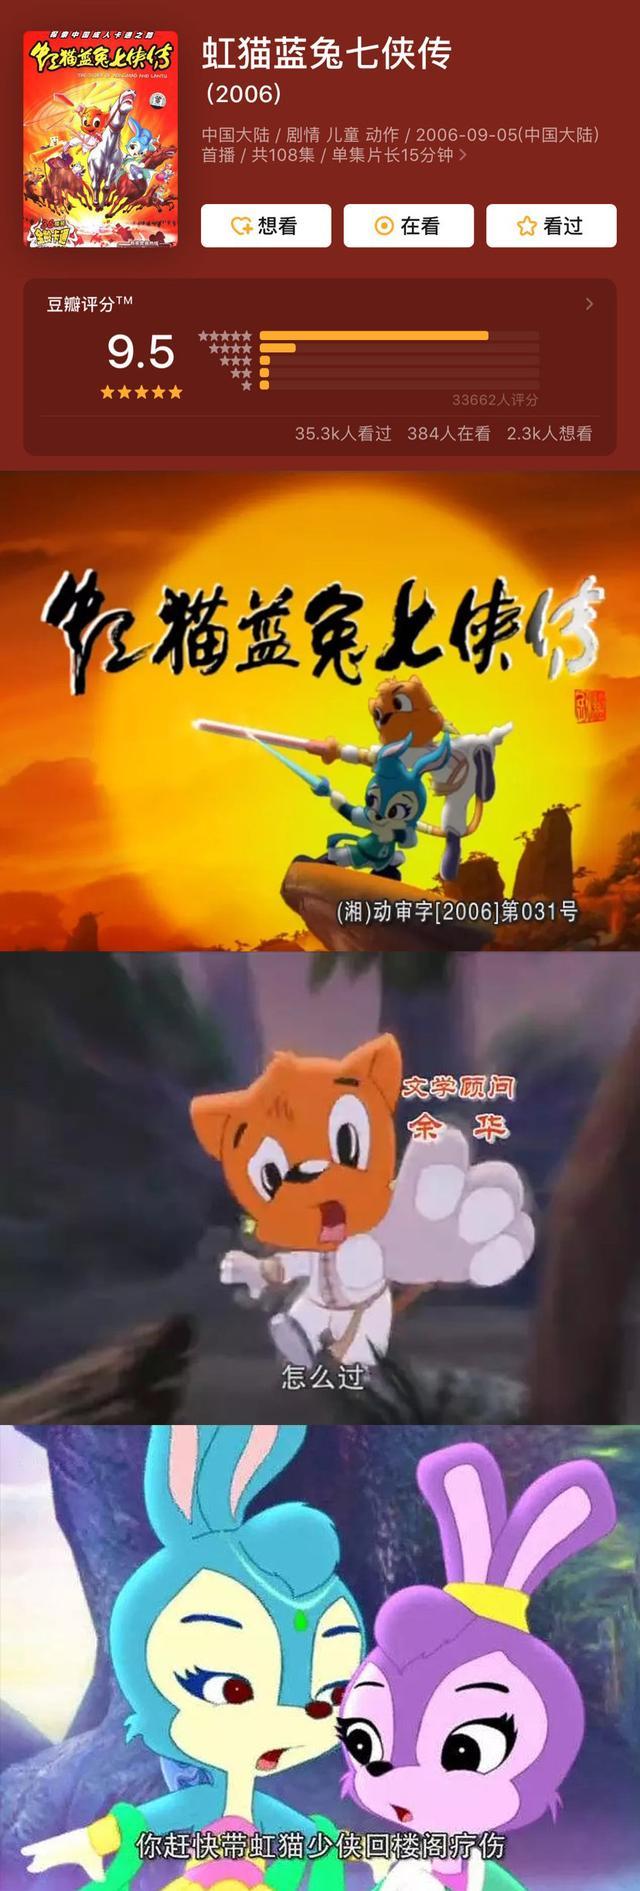 中国经典动画片,让人难忘的9部童年国漫,评分最高9.5,看过的都老了